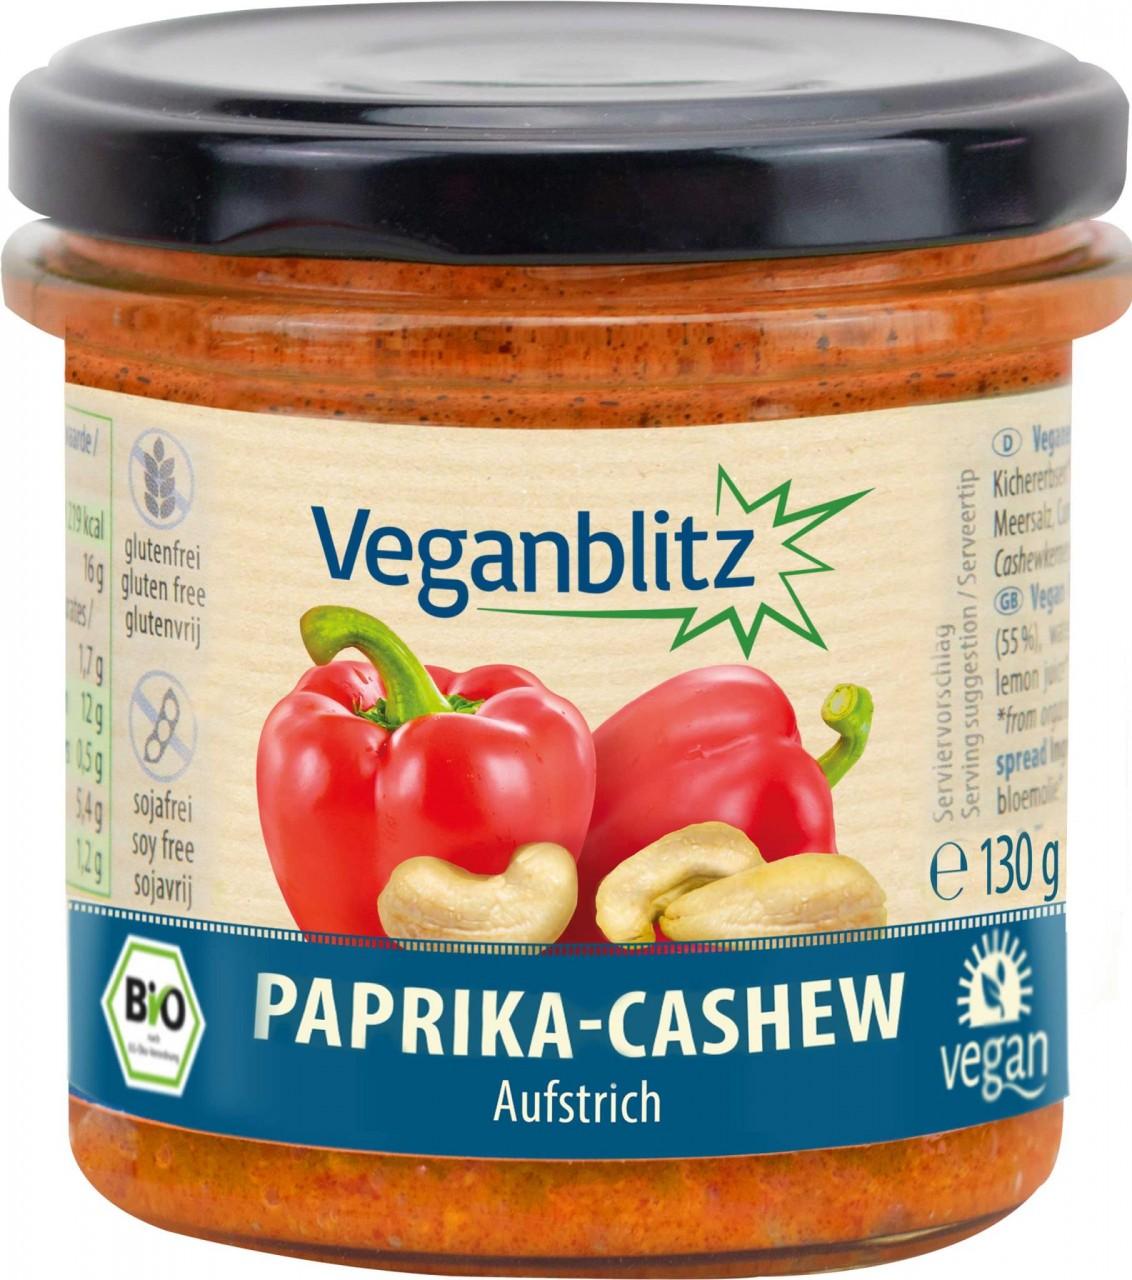 Veganblitz Paprika-Cashew Bio-Aufstrich